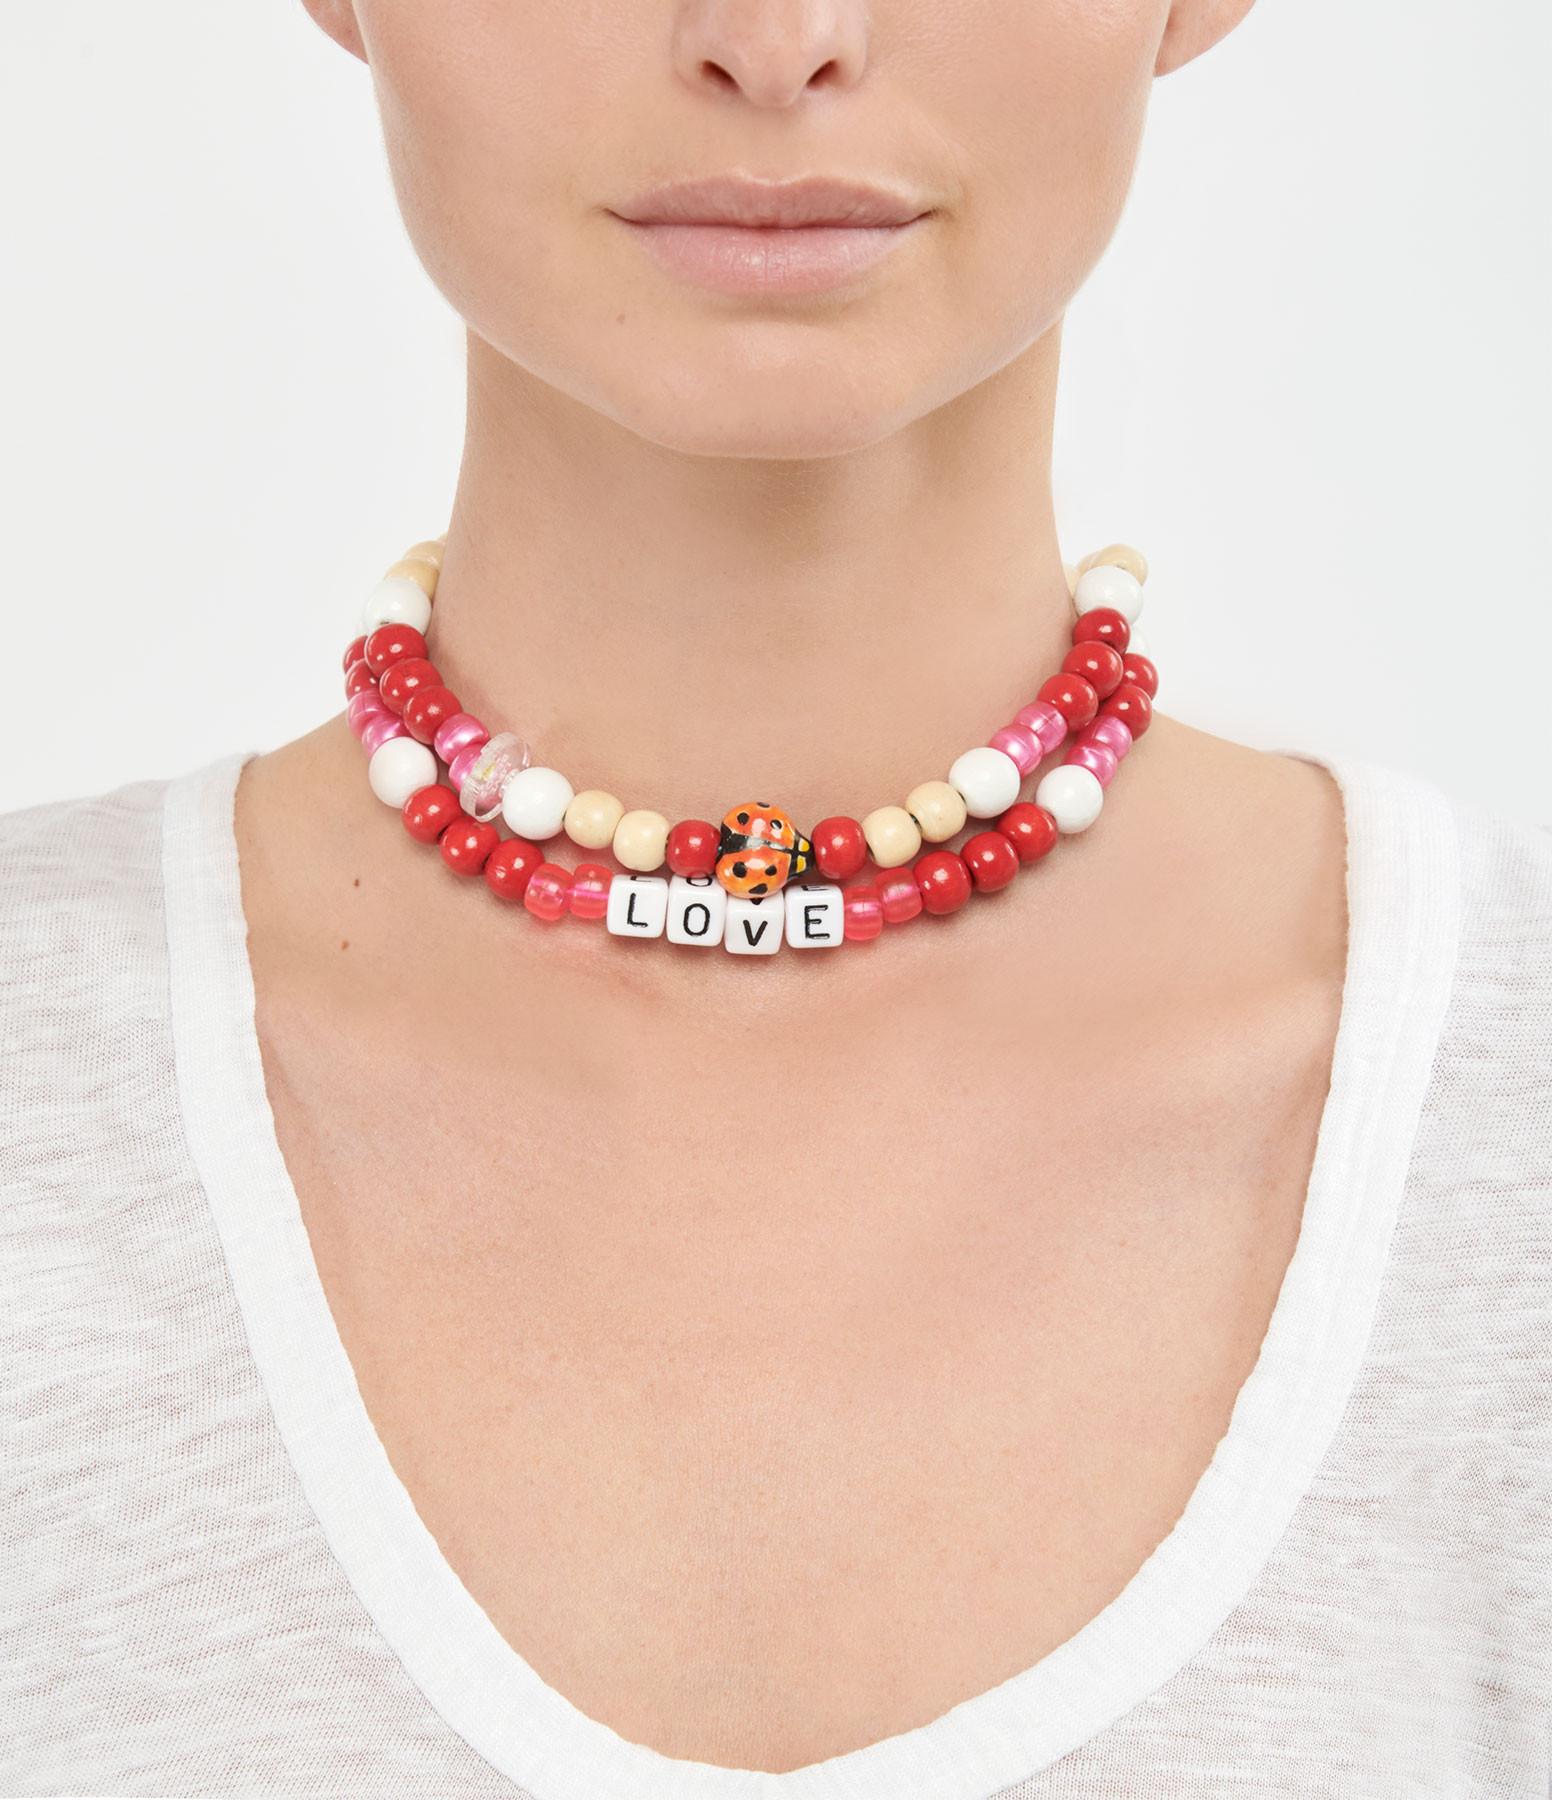 LAUREN RUBINSKI - Collier Love Beads Bois Plastique LOVE